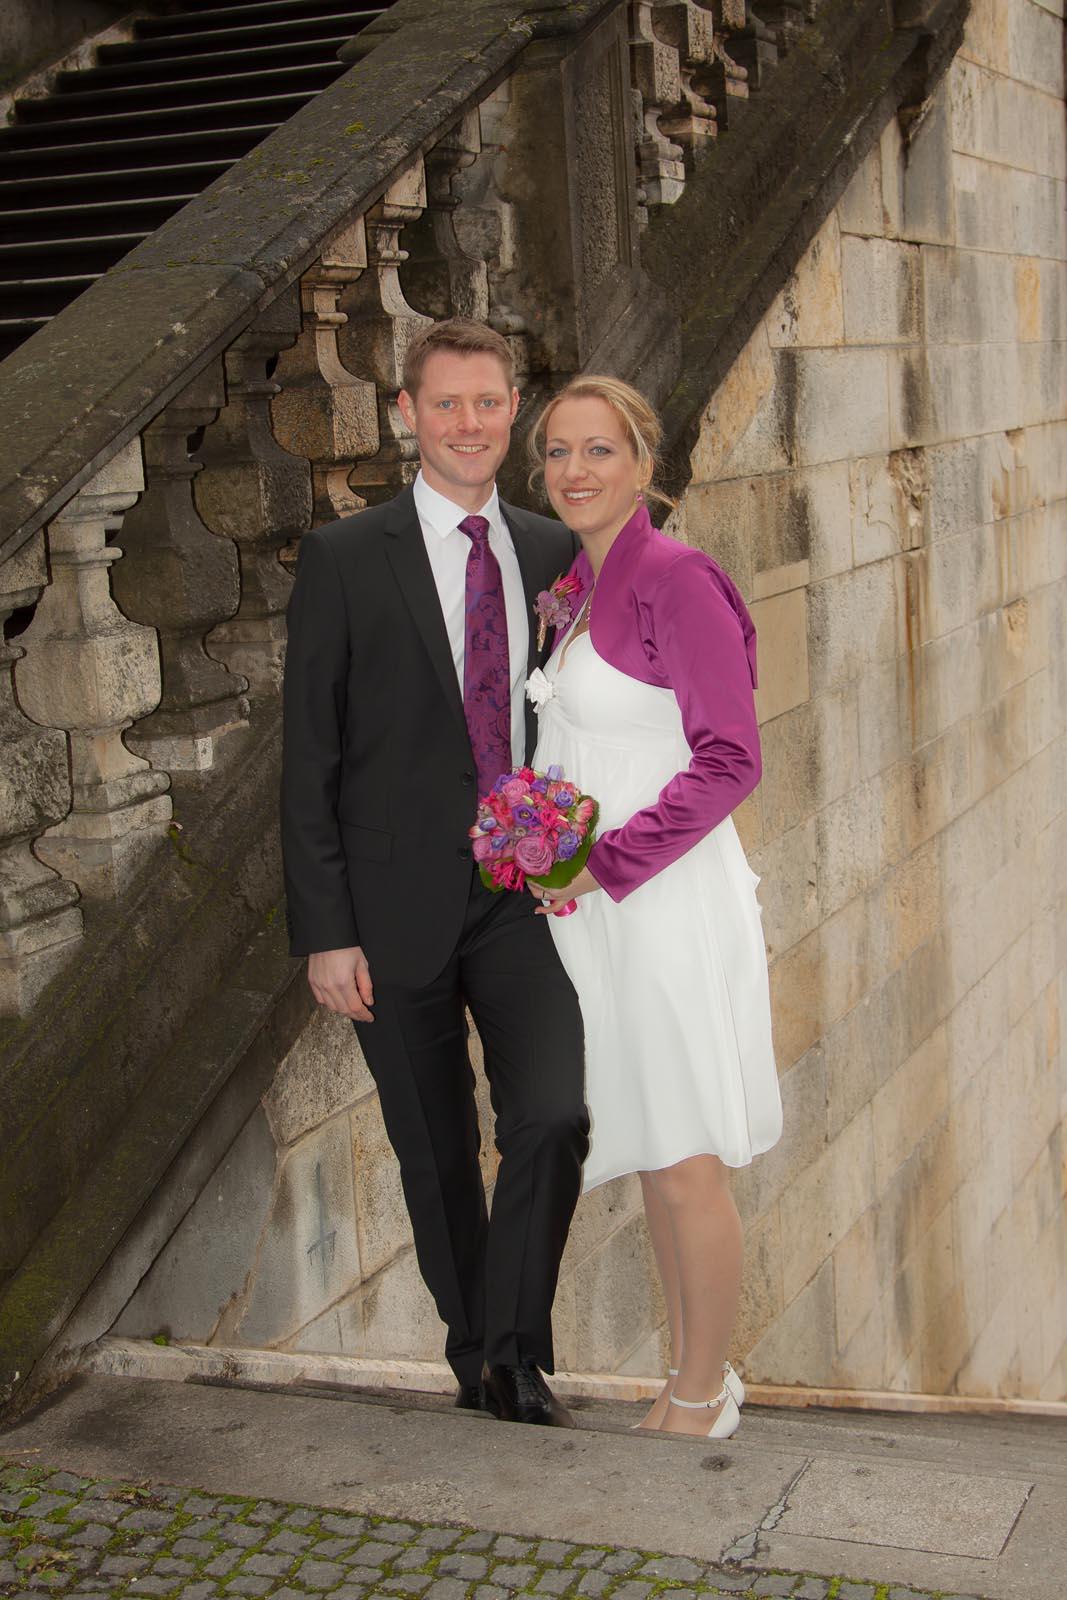 Hochzeit-Portrait-Seibert-Hochzeit-Seibert-3830.jpg